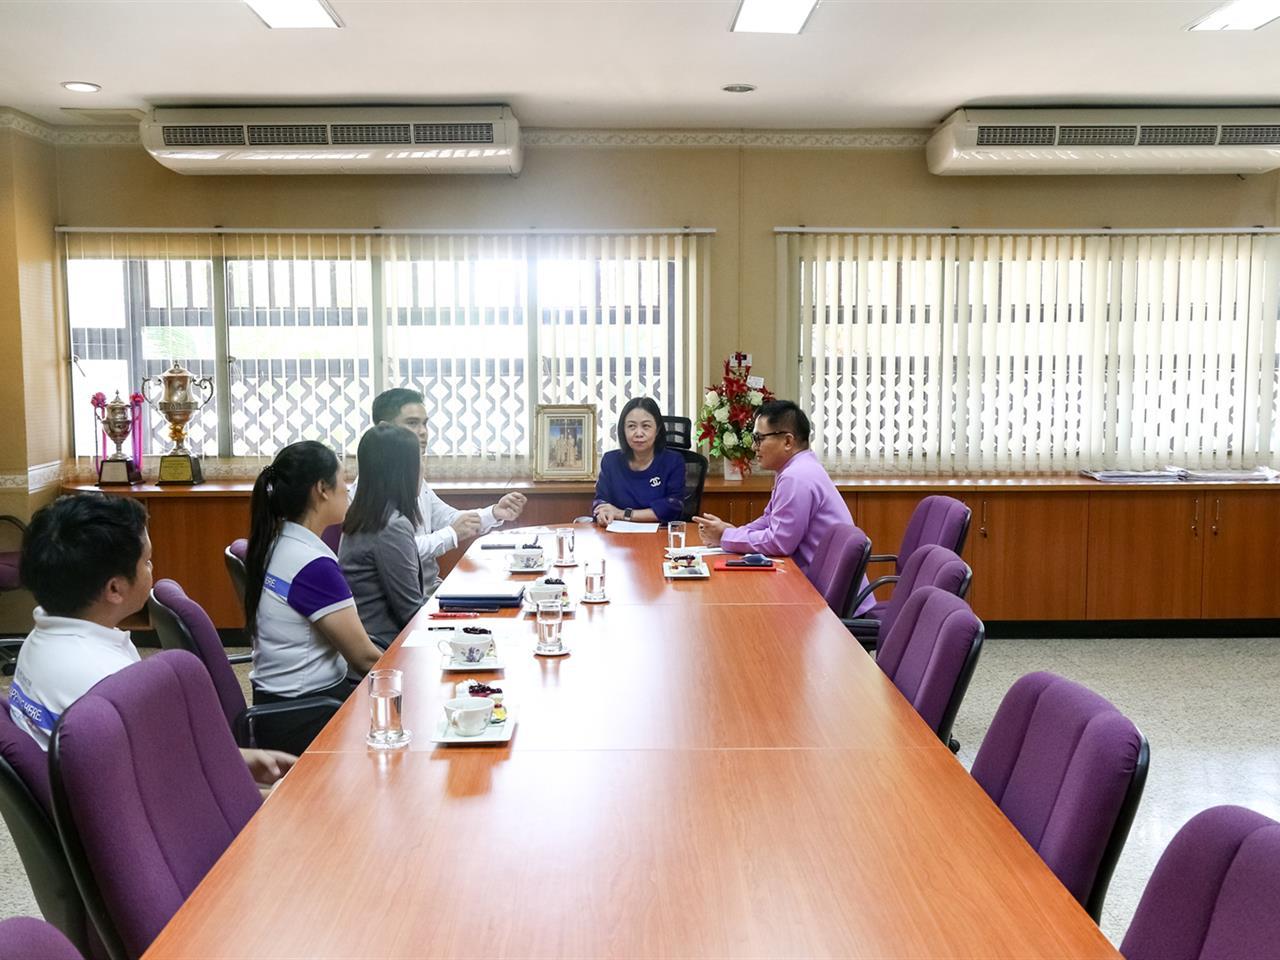 ตัวแทน Westminster International Group เข้าพบอธิการบดีมหาวิทยาลัยพะเยา หารือและร่วมสรุปแนวทางในการร่วมมือเพื่อเพิ่มโอกาสเปิดรับนักศึกษาต่างชาติ